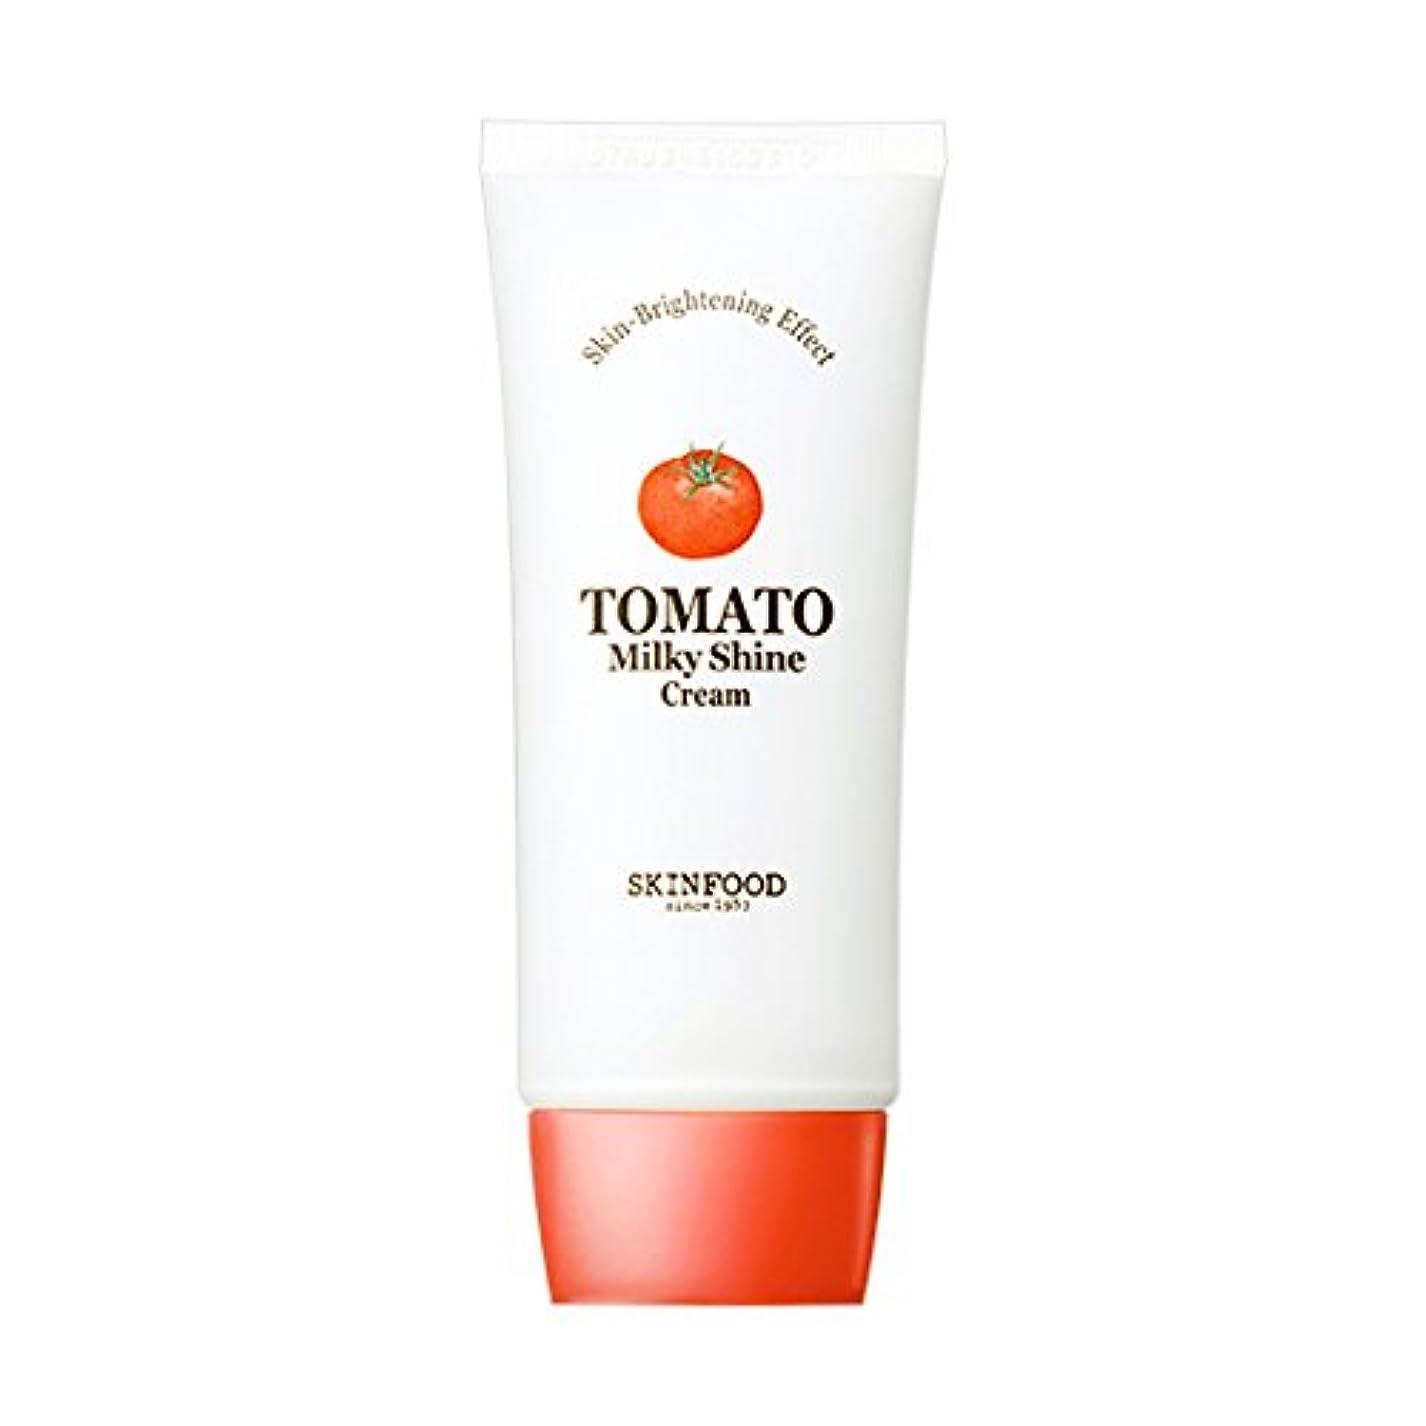 パズルご近所安全Skinfood トマトミルキーシャインクリーム/omato Milky Shine Cream 50ml [並行輸入品]